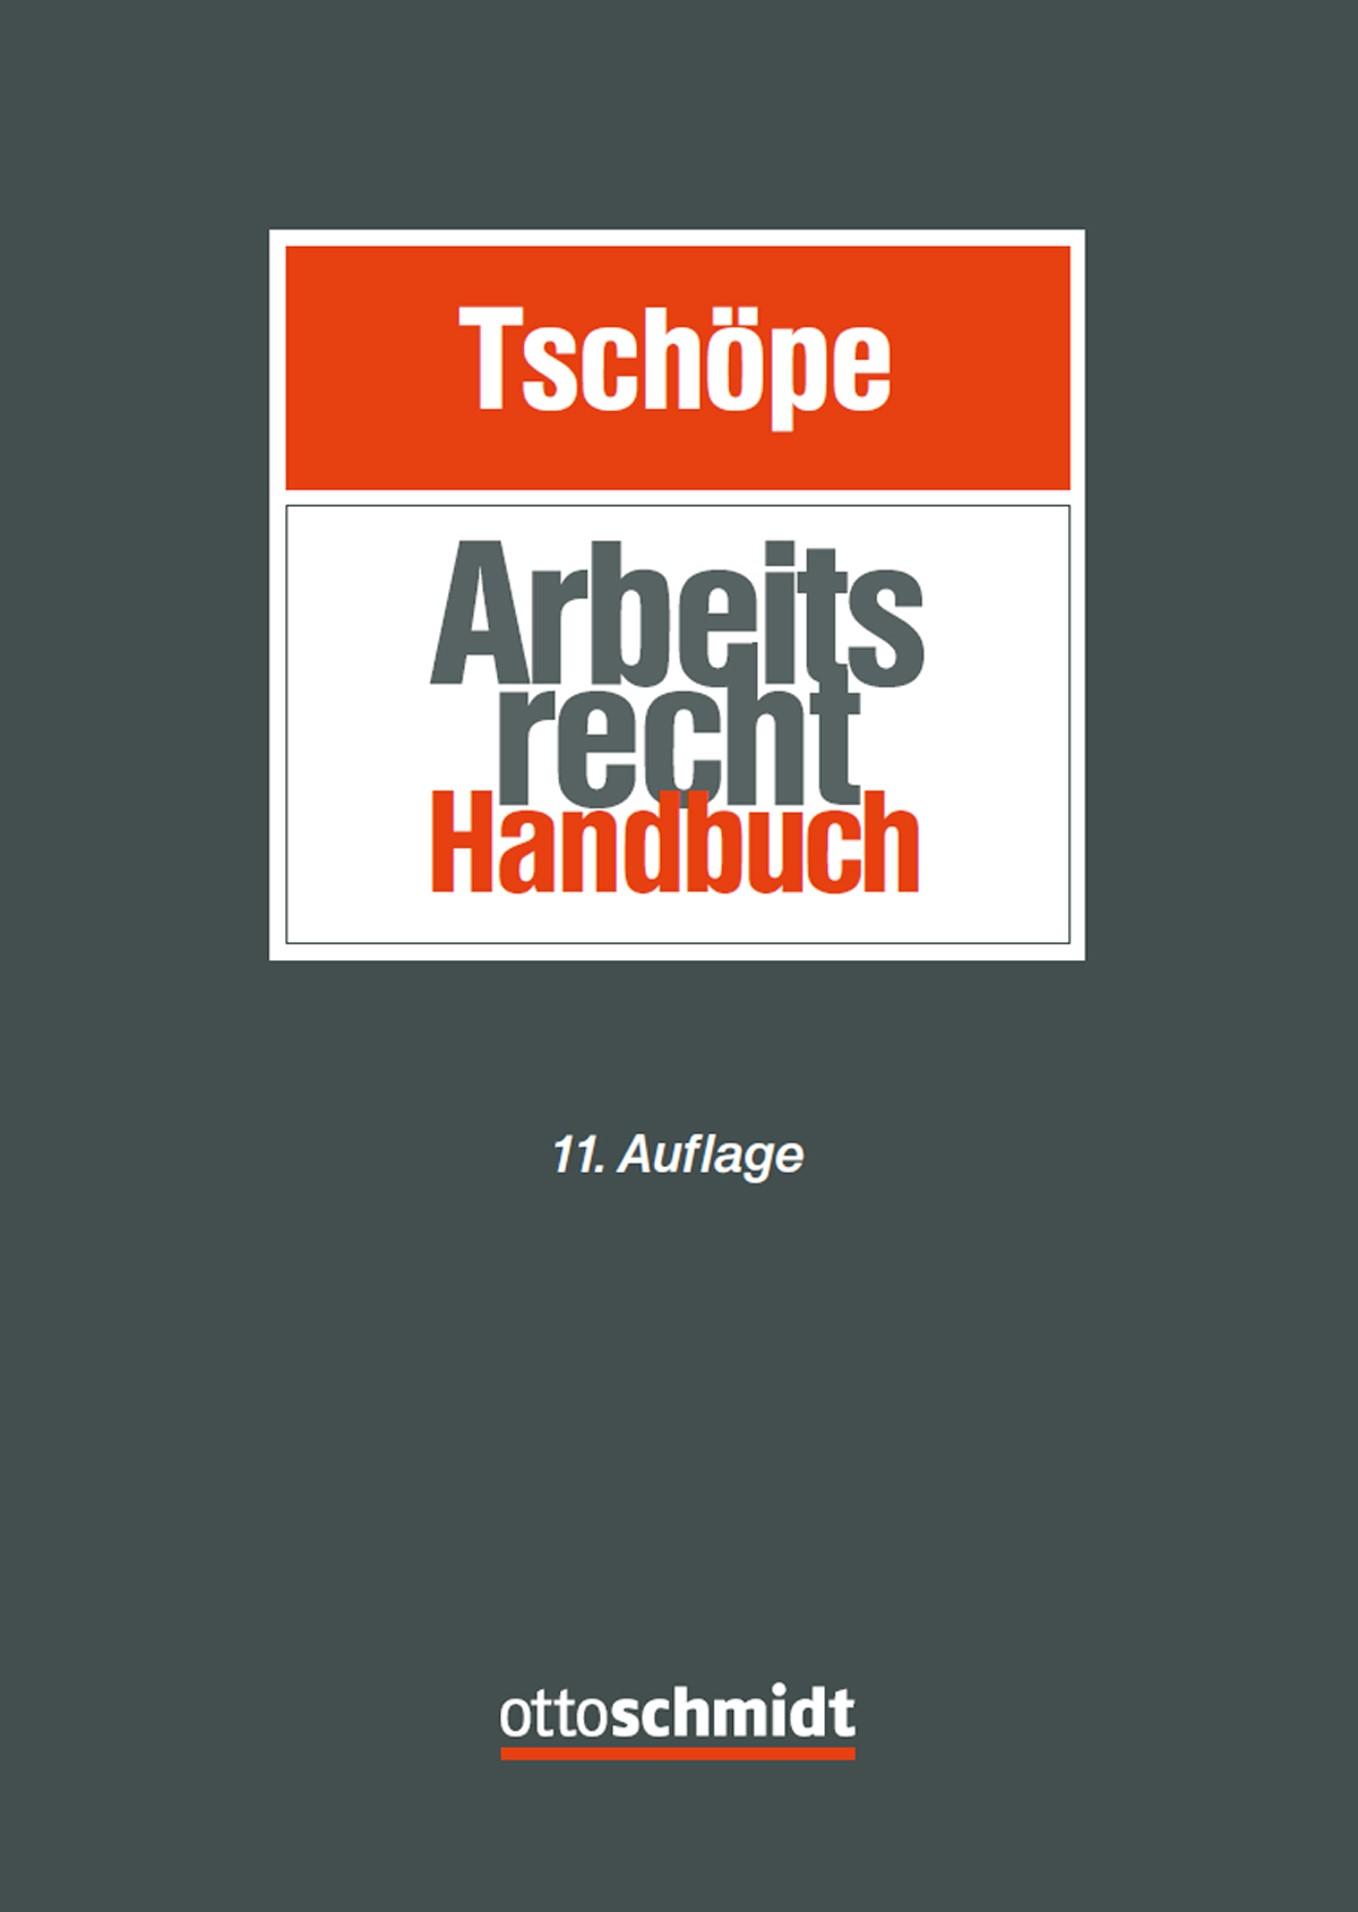 Abbildung von Tschöpe (Hrsg.) | Arbeitsrecht Handbuch | 11., neu bearbeitete Auflage | 2019